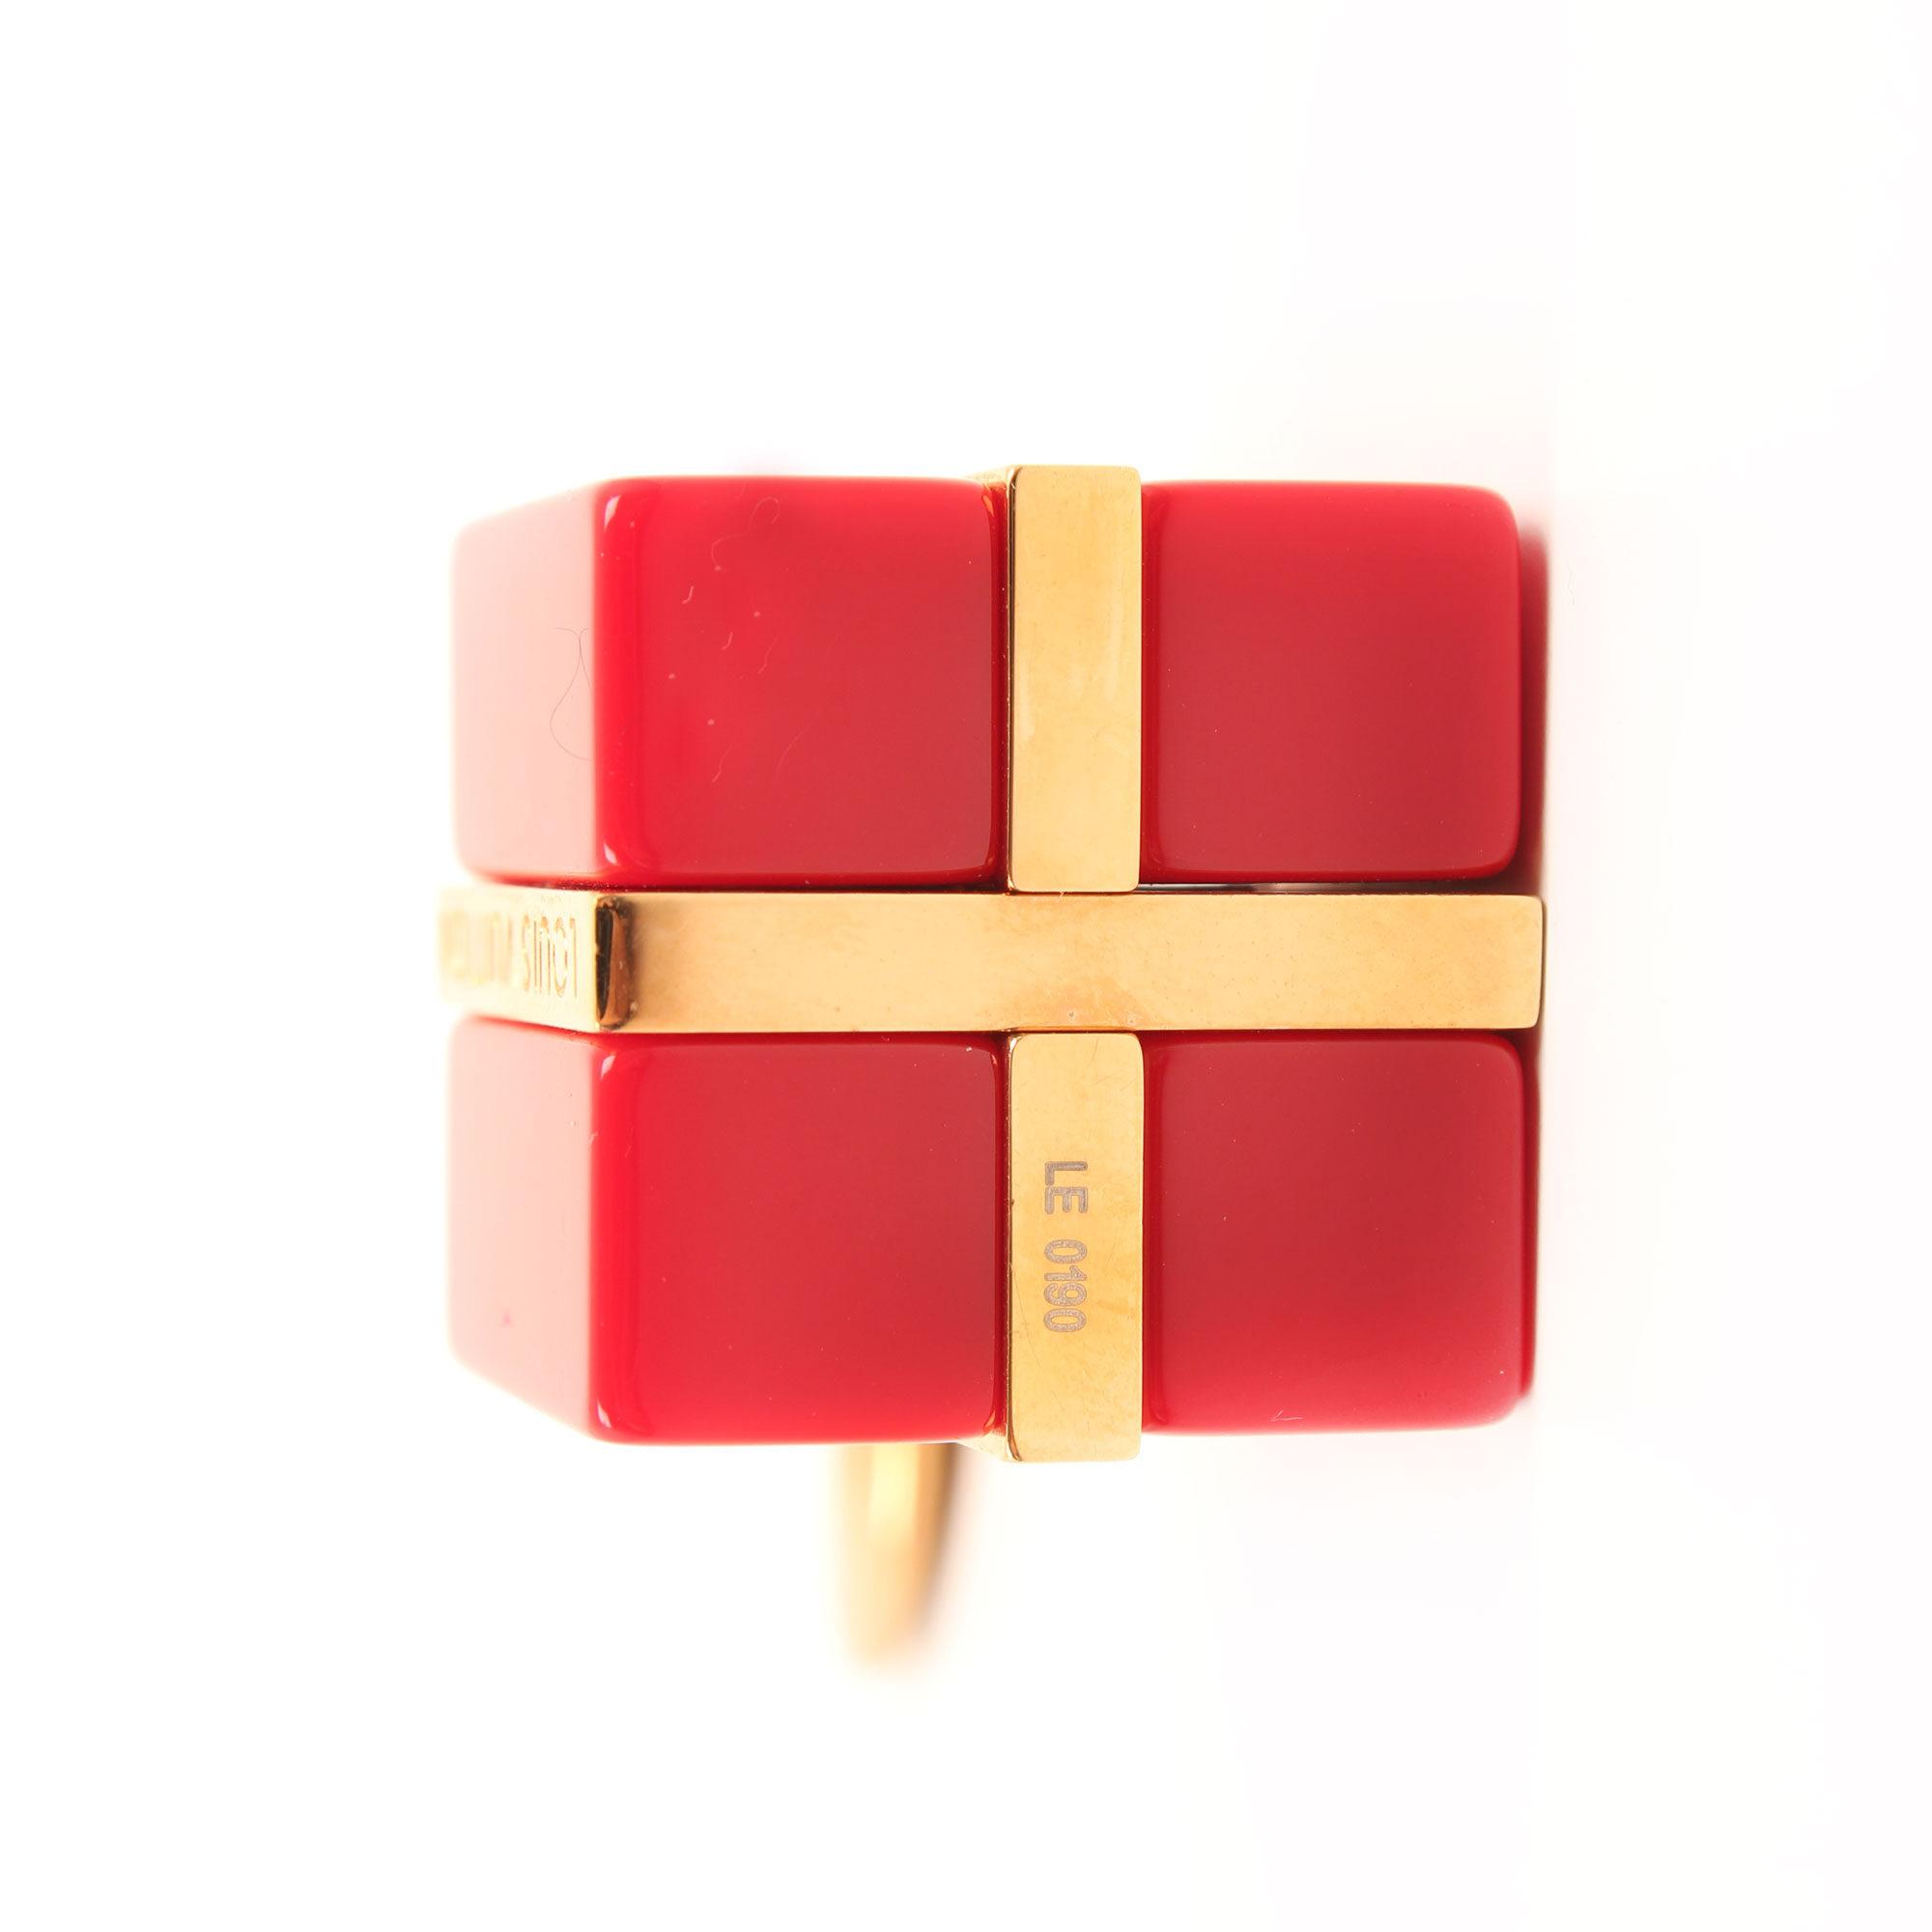 Imagen de la base del charm bolso louis vuitton dorado y rojo